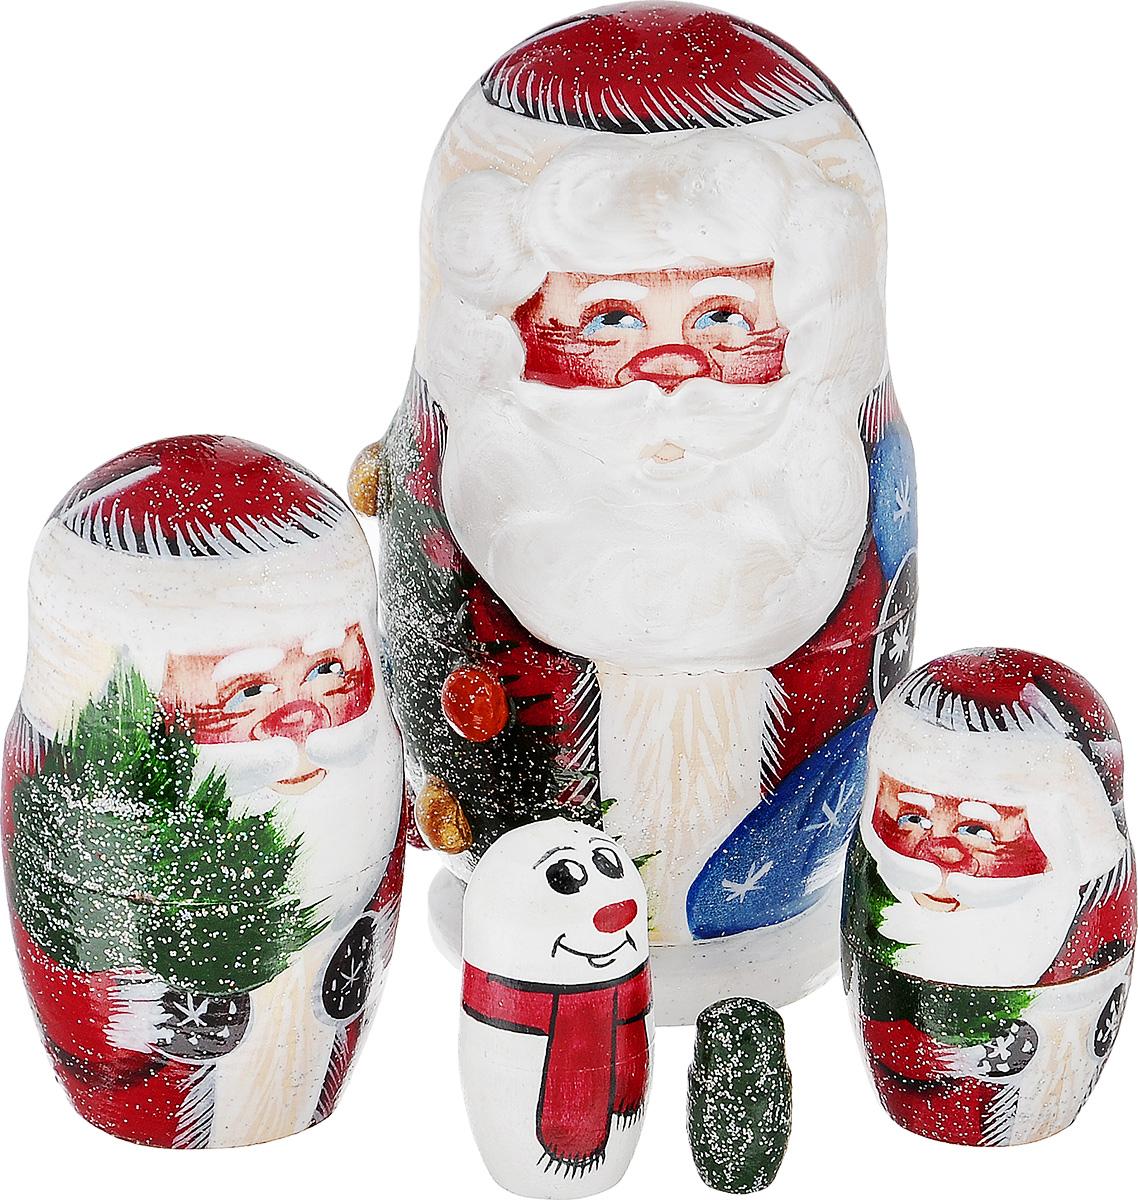 Набор игрушек-матрешек Василиса Дед Мороз, 5 мест, высота 10 см. Ручная работам5м.тат.дмИгрушки-матрешки Василиса Дед Мороз - один из самых популярных русских сувениров для подарка на любой случай и вкус.Эта игрушка по-прежнему вызывает восторг у наших соотечественников и иностранцев. Ведь открывать таких кукол с сюрпризом очень нравится и детям, и не менее любопытным взрослым. Малыши с помощью чудесной игрушки получают свои первые представления о форме, цвете и величине предметов, о количестве и делении целого на части. Взрослым расписную матрешку принято дарить на счастье, удачу и финансовое благополучие.Набор состоит из 5 деревянных игрушек: 4 Дедов-Морозов и маленькой елочки. У самого большого Деда Мороза объемная борода. Игрушки декорированы блестками. Имеется подпись автора. Порадуйте своих друзей и близких этим замечательным подарком!Комплектация: 5 шт.Размер самой большой матрешки: 5,5 см х 5,5 см х 10 см.Размер самой маленькой матрешки: 1 см х 1 см х 2 см.